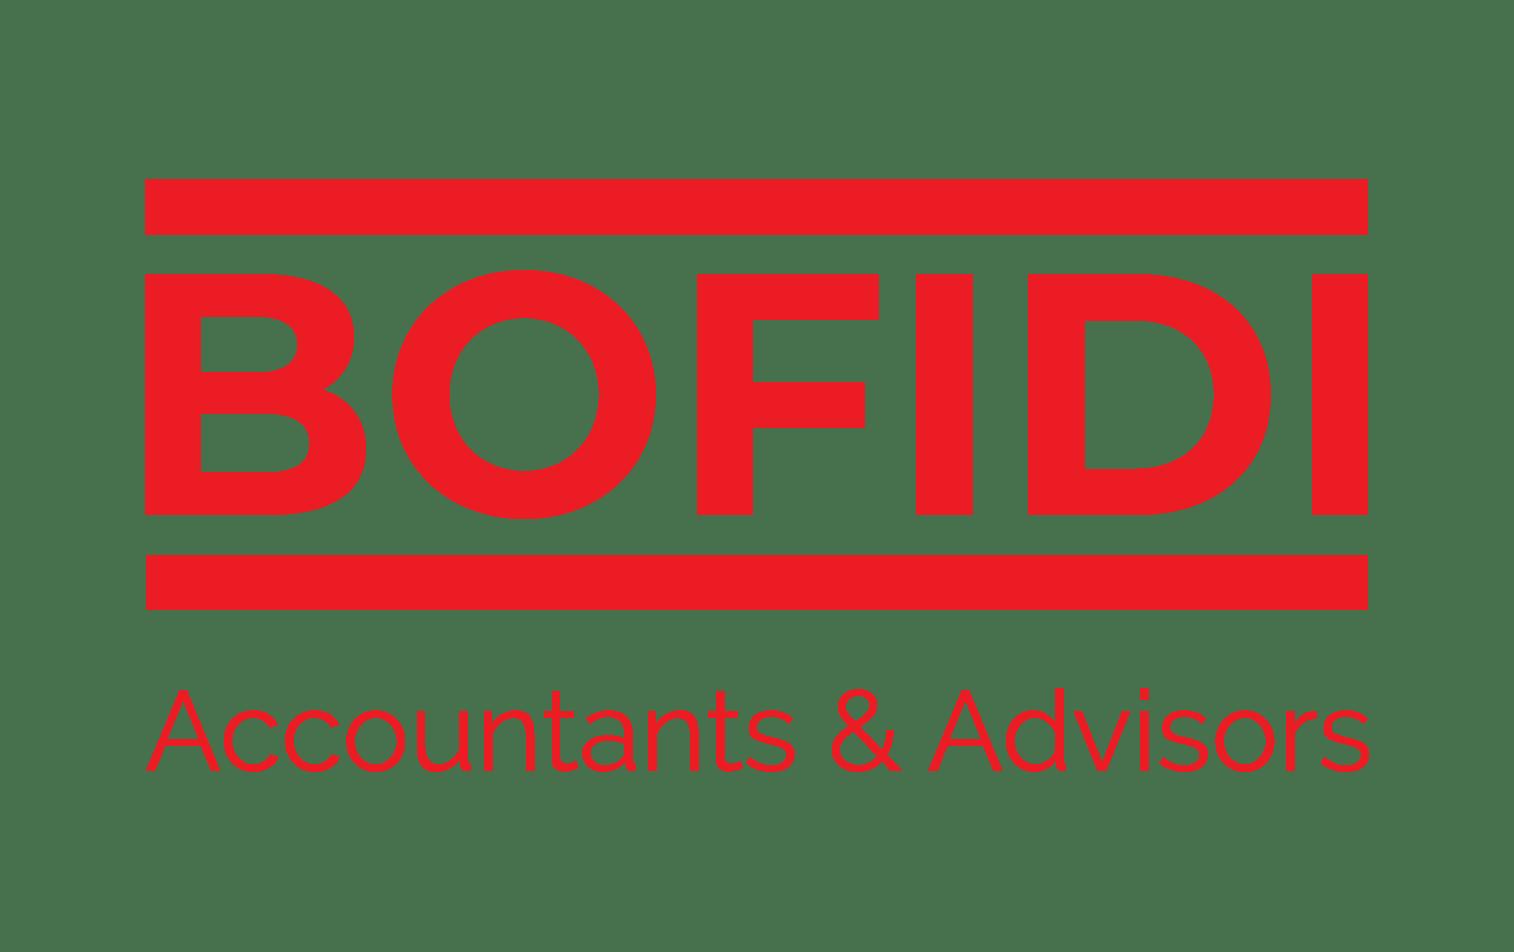 Bofidi Gent